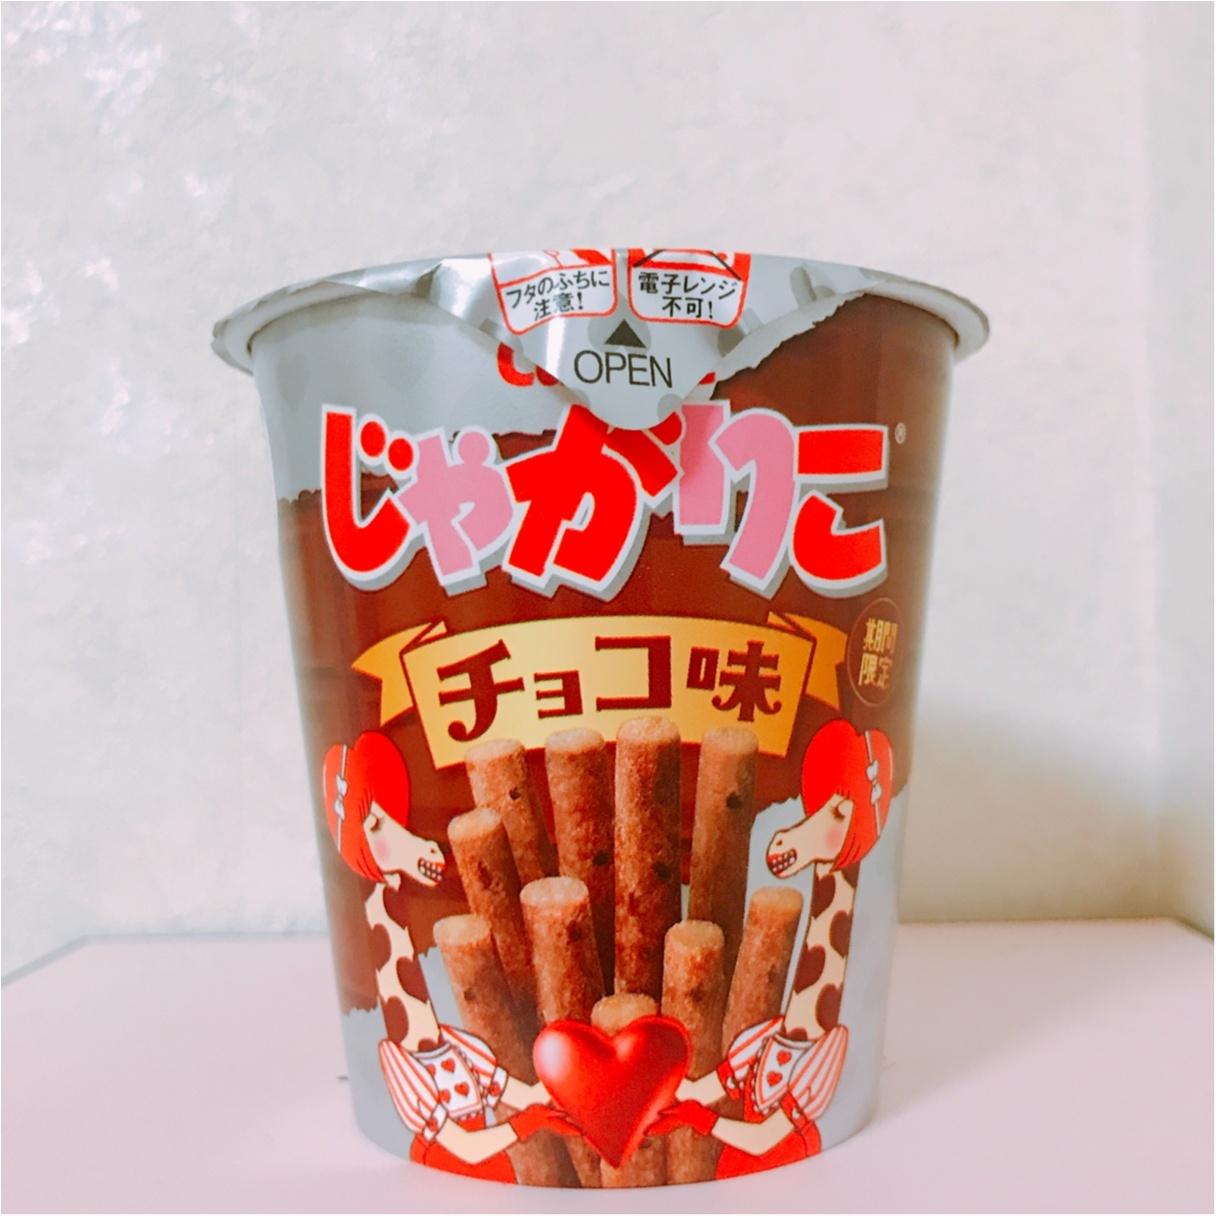 【1月6日新発売♪】セブンイレブン限定!「じゃがりこ」にチョコ味が登場♡_1